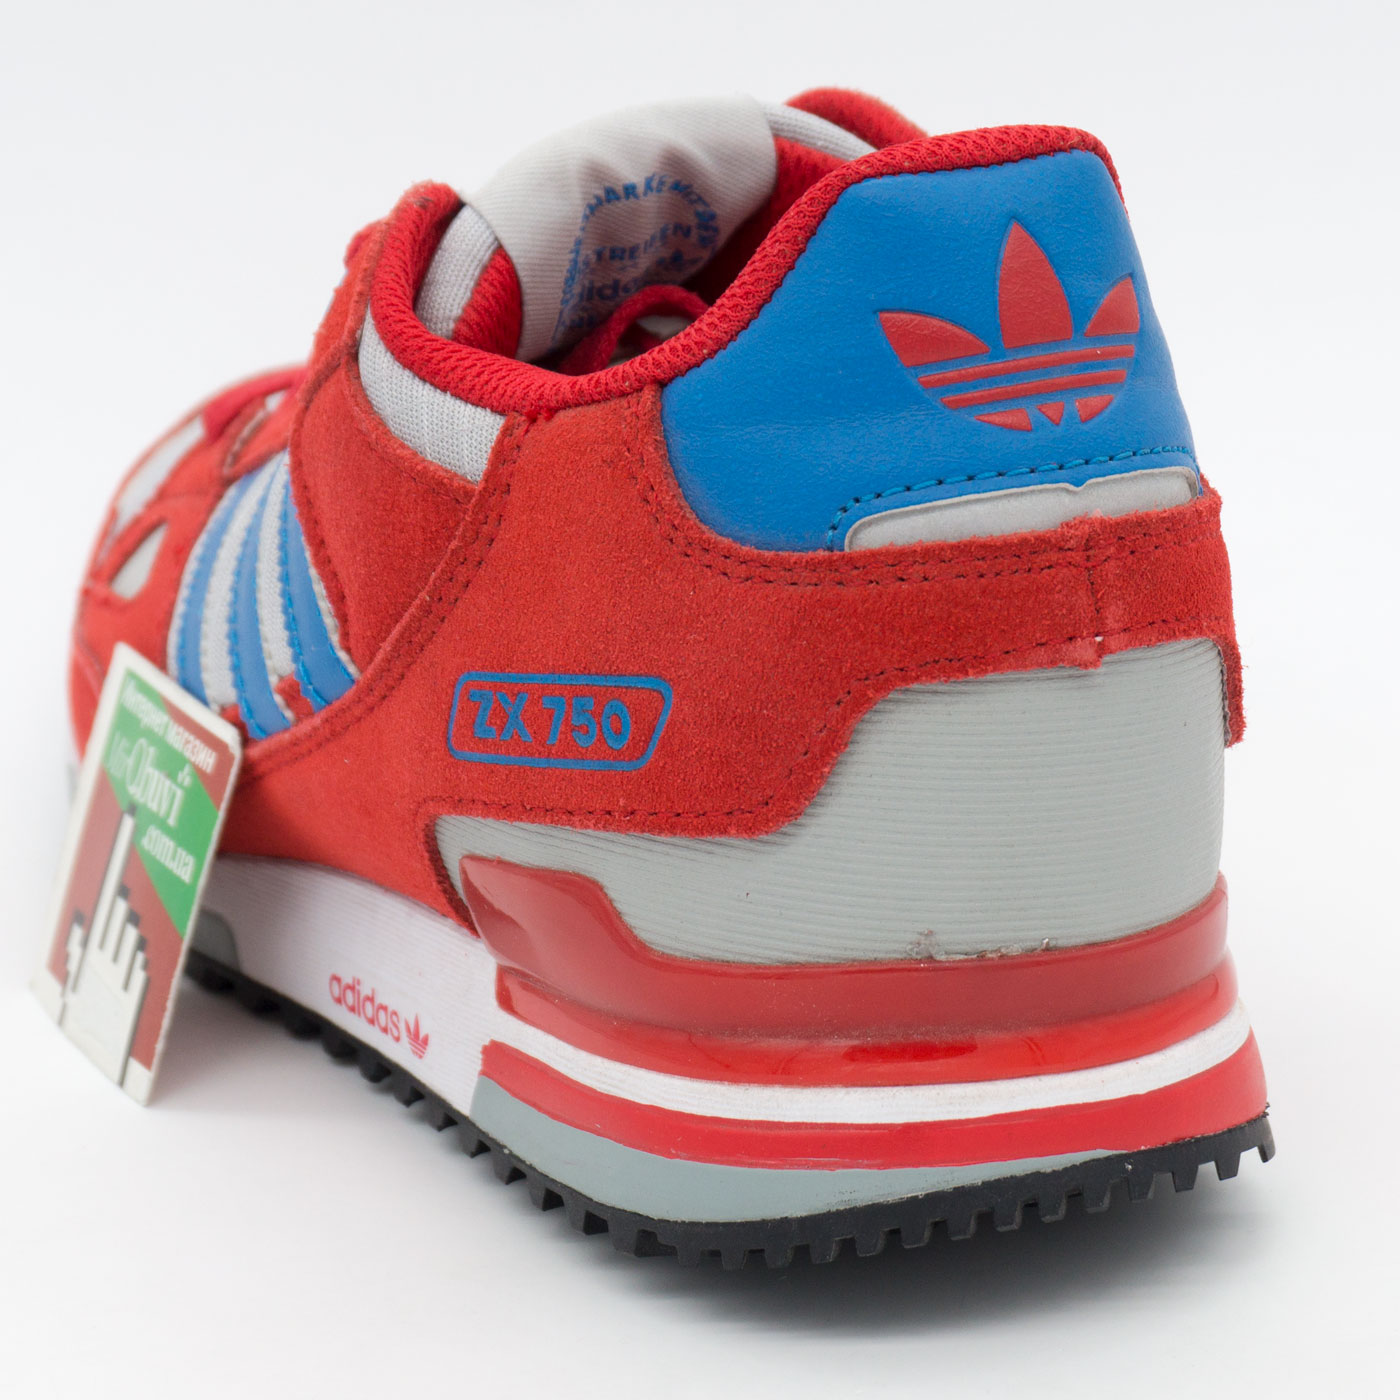 фото back Adidas zx750 красные - Топ качество back